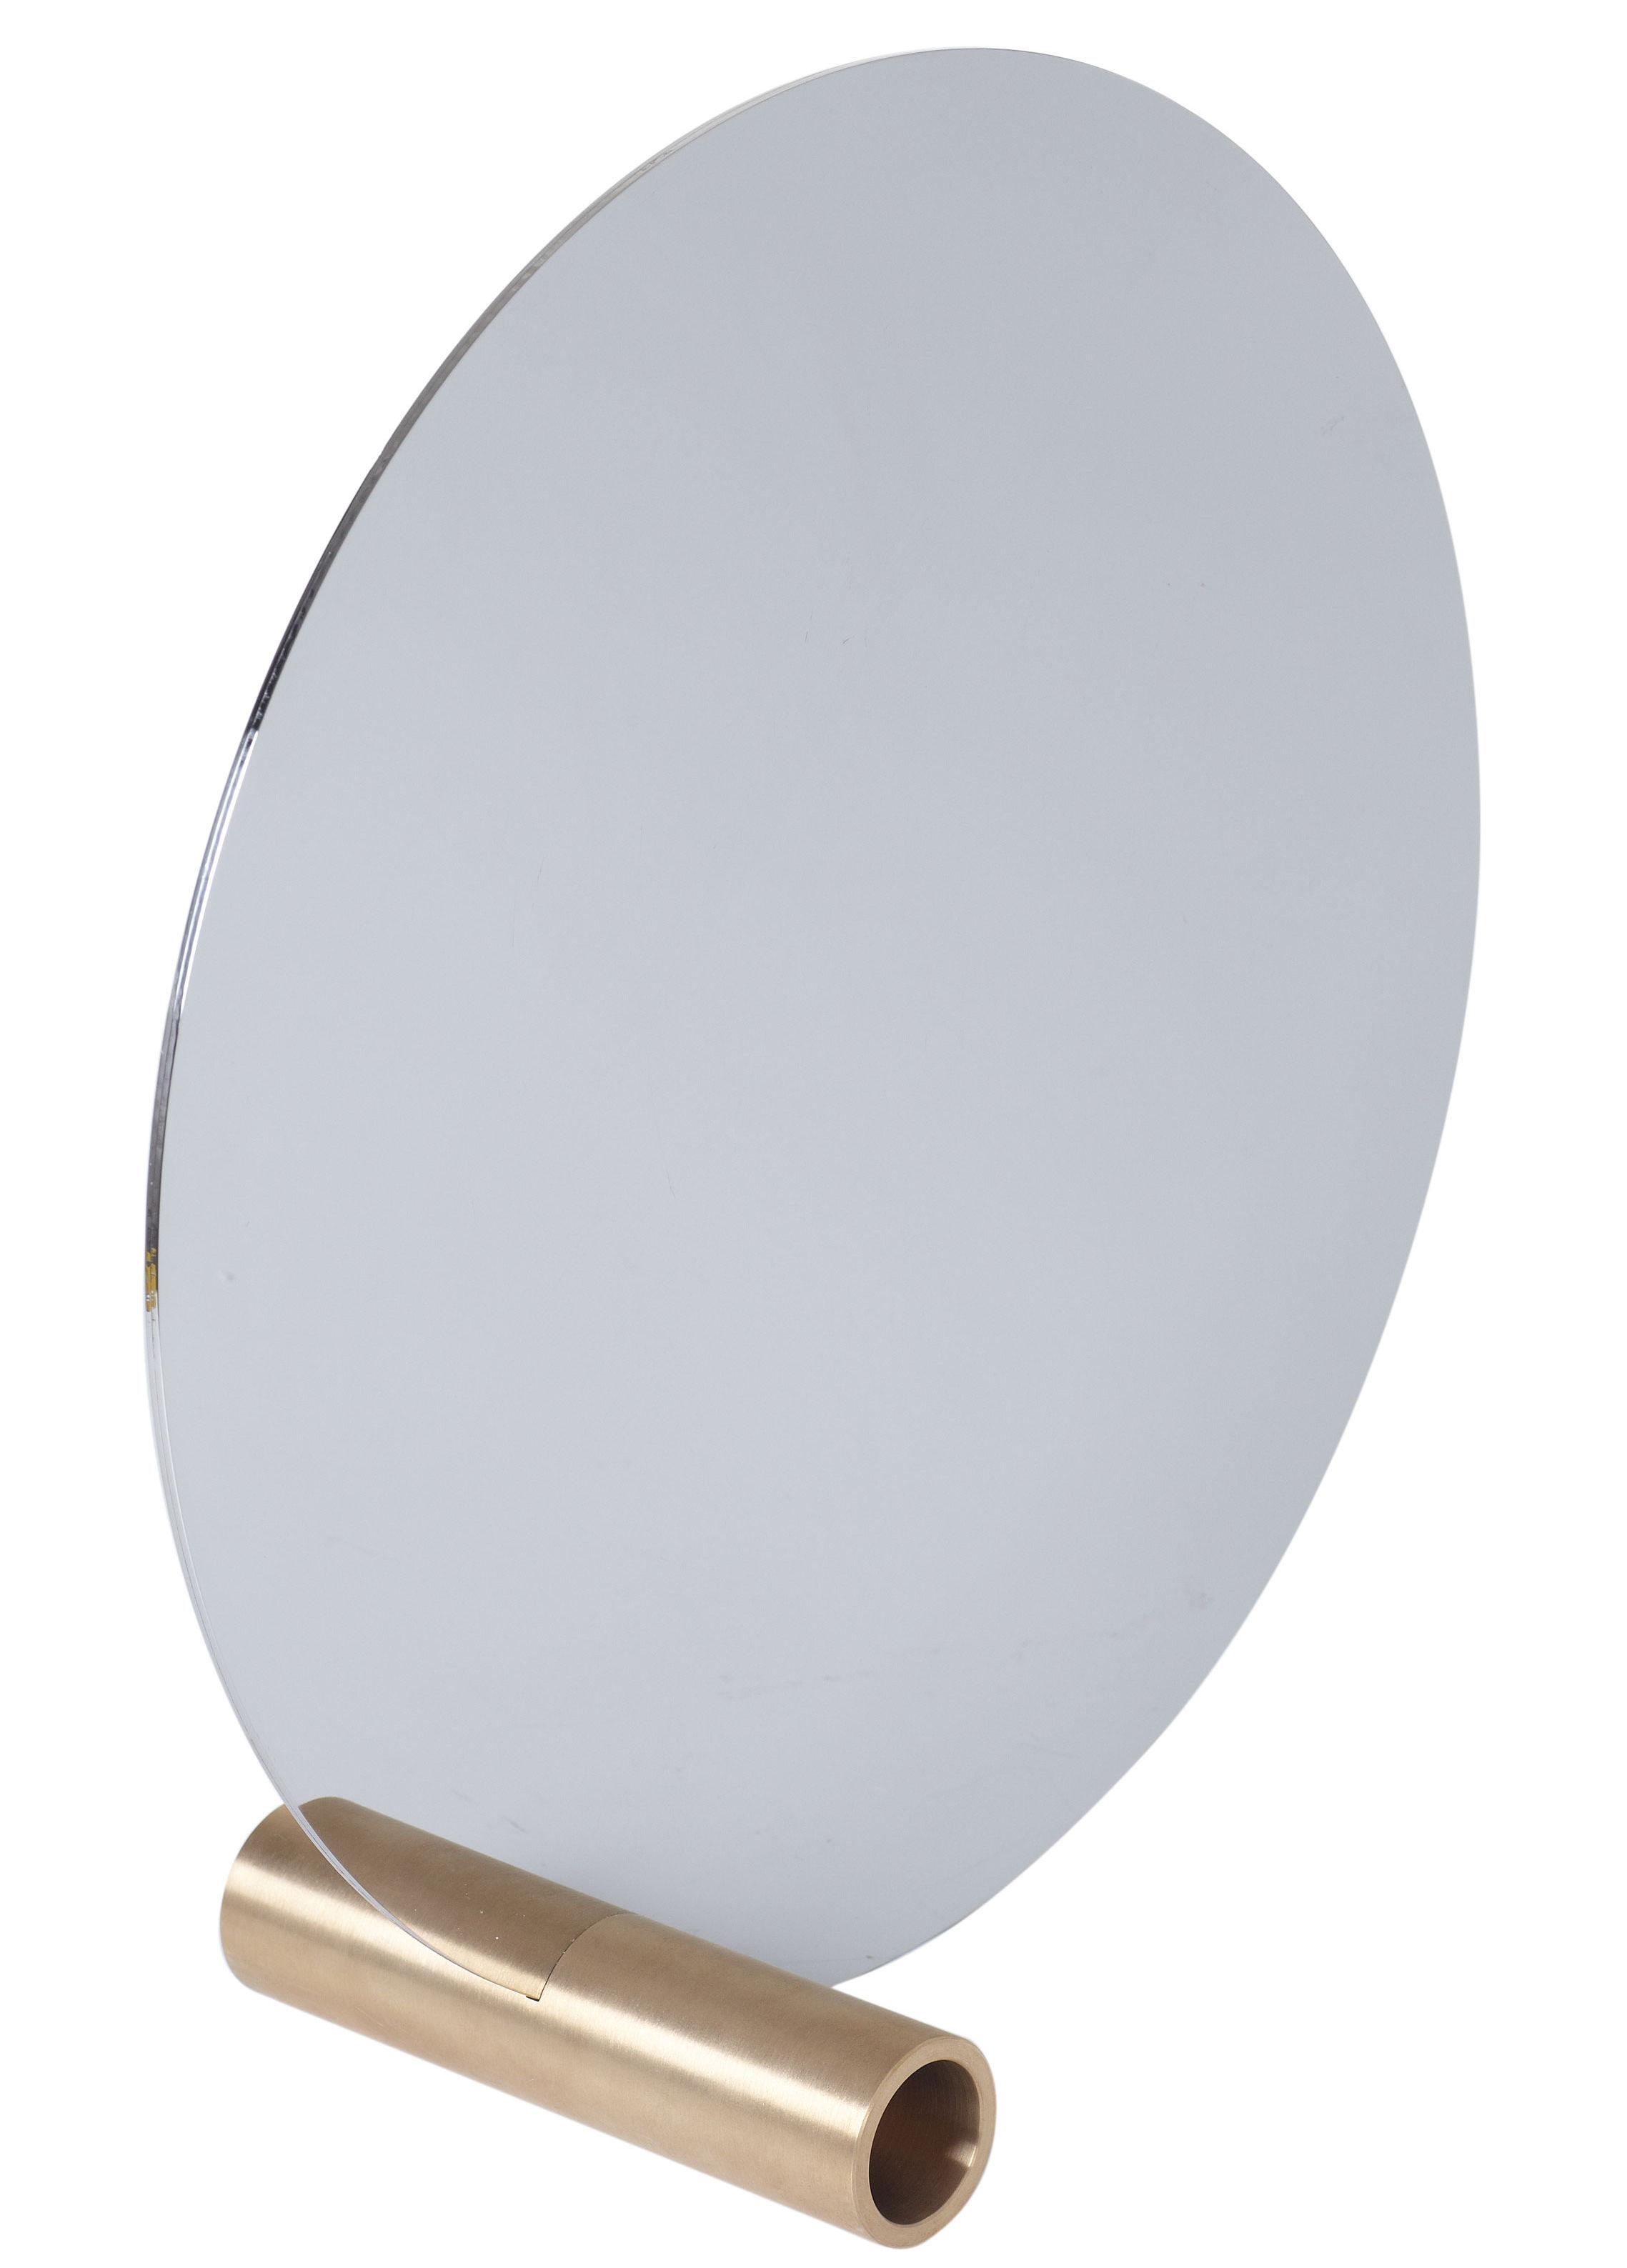 Interni - Specchi - Specchio da appoggiare Disque - / Ø 30 cm di L'atelier d'exercices - Specchio / Base ottone - Inox lucidato, Laiton massif